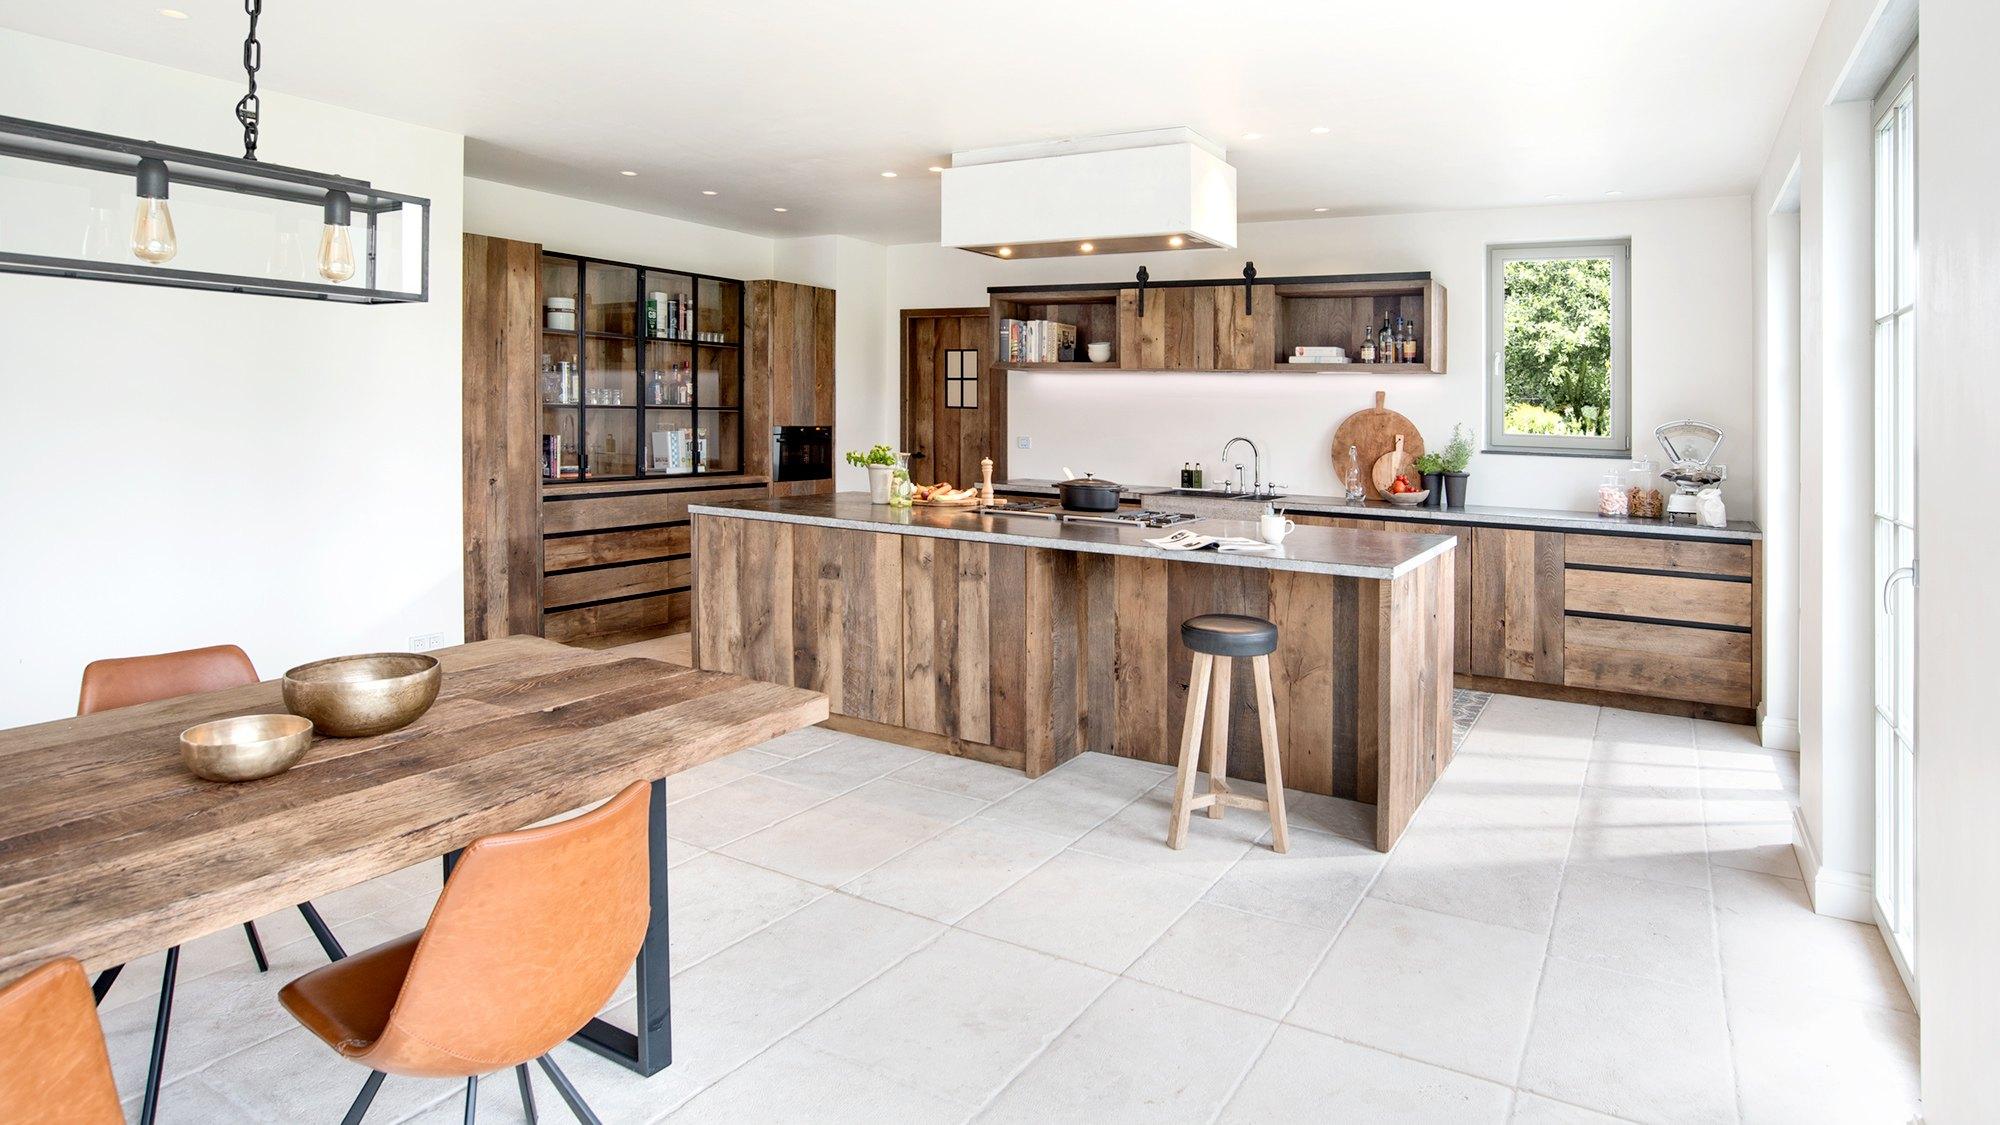 Keuken Op Maat In Massief Hout Woontheater